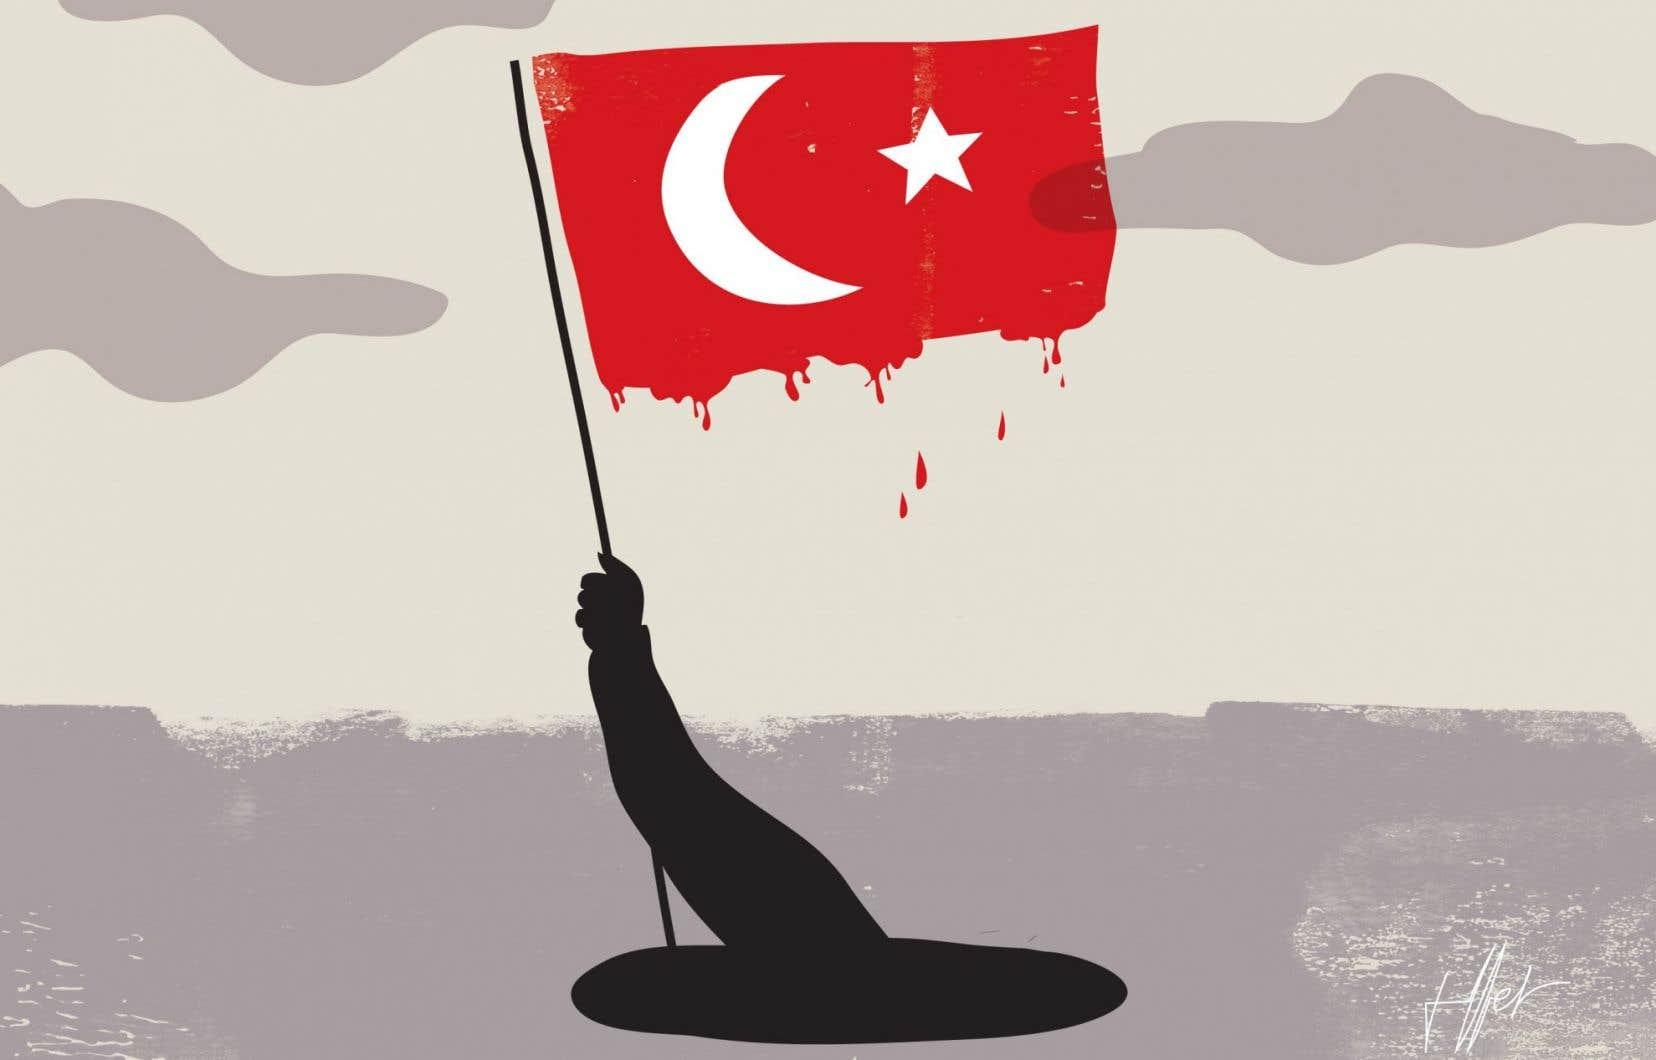 La Turquie a la lourde tâche de demeurer un acteur stable, efficace et crédible dans un environnement géopolitique en pleine ébullition, écrit l'auteur.